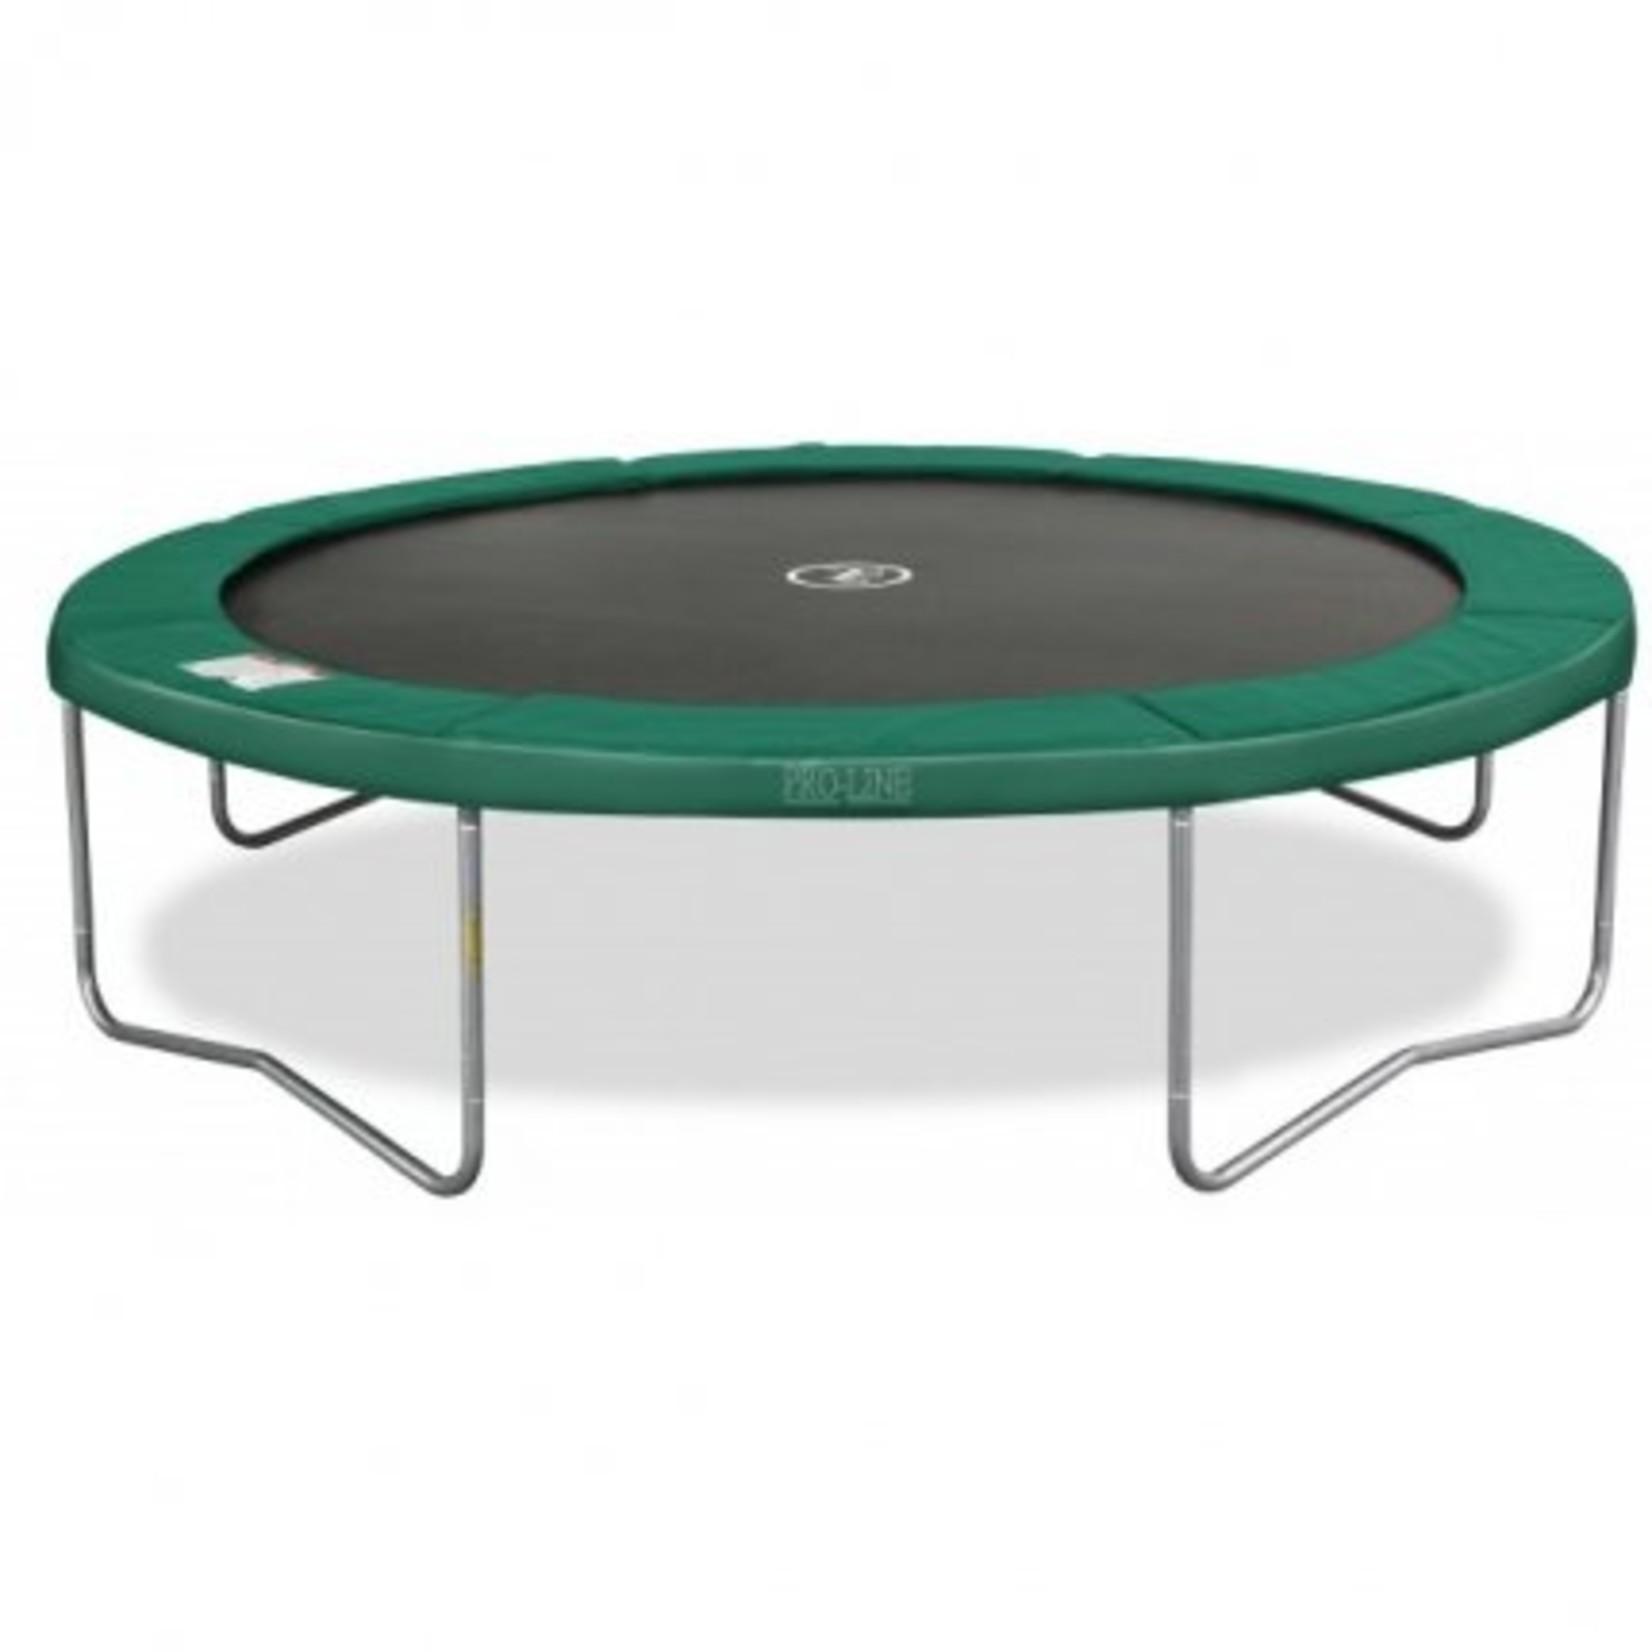 Avyna Top kwaliteit trampoline, die zeer veilig is en onderhoudsvriendelijk.Doorsnee 365cm en hoogte 89cm